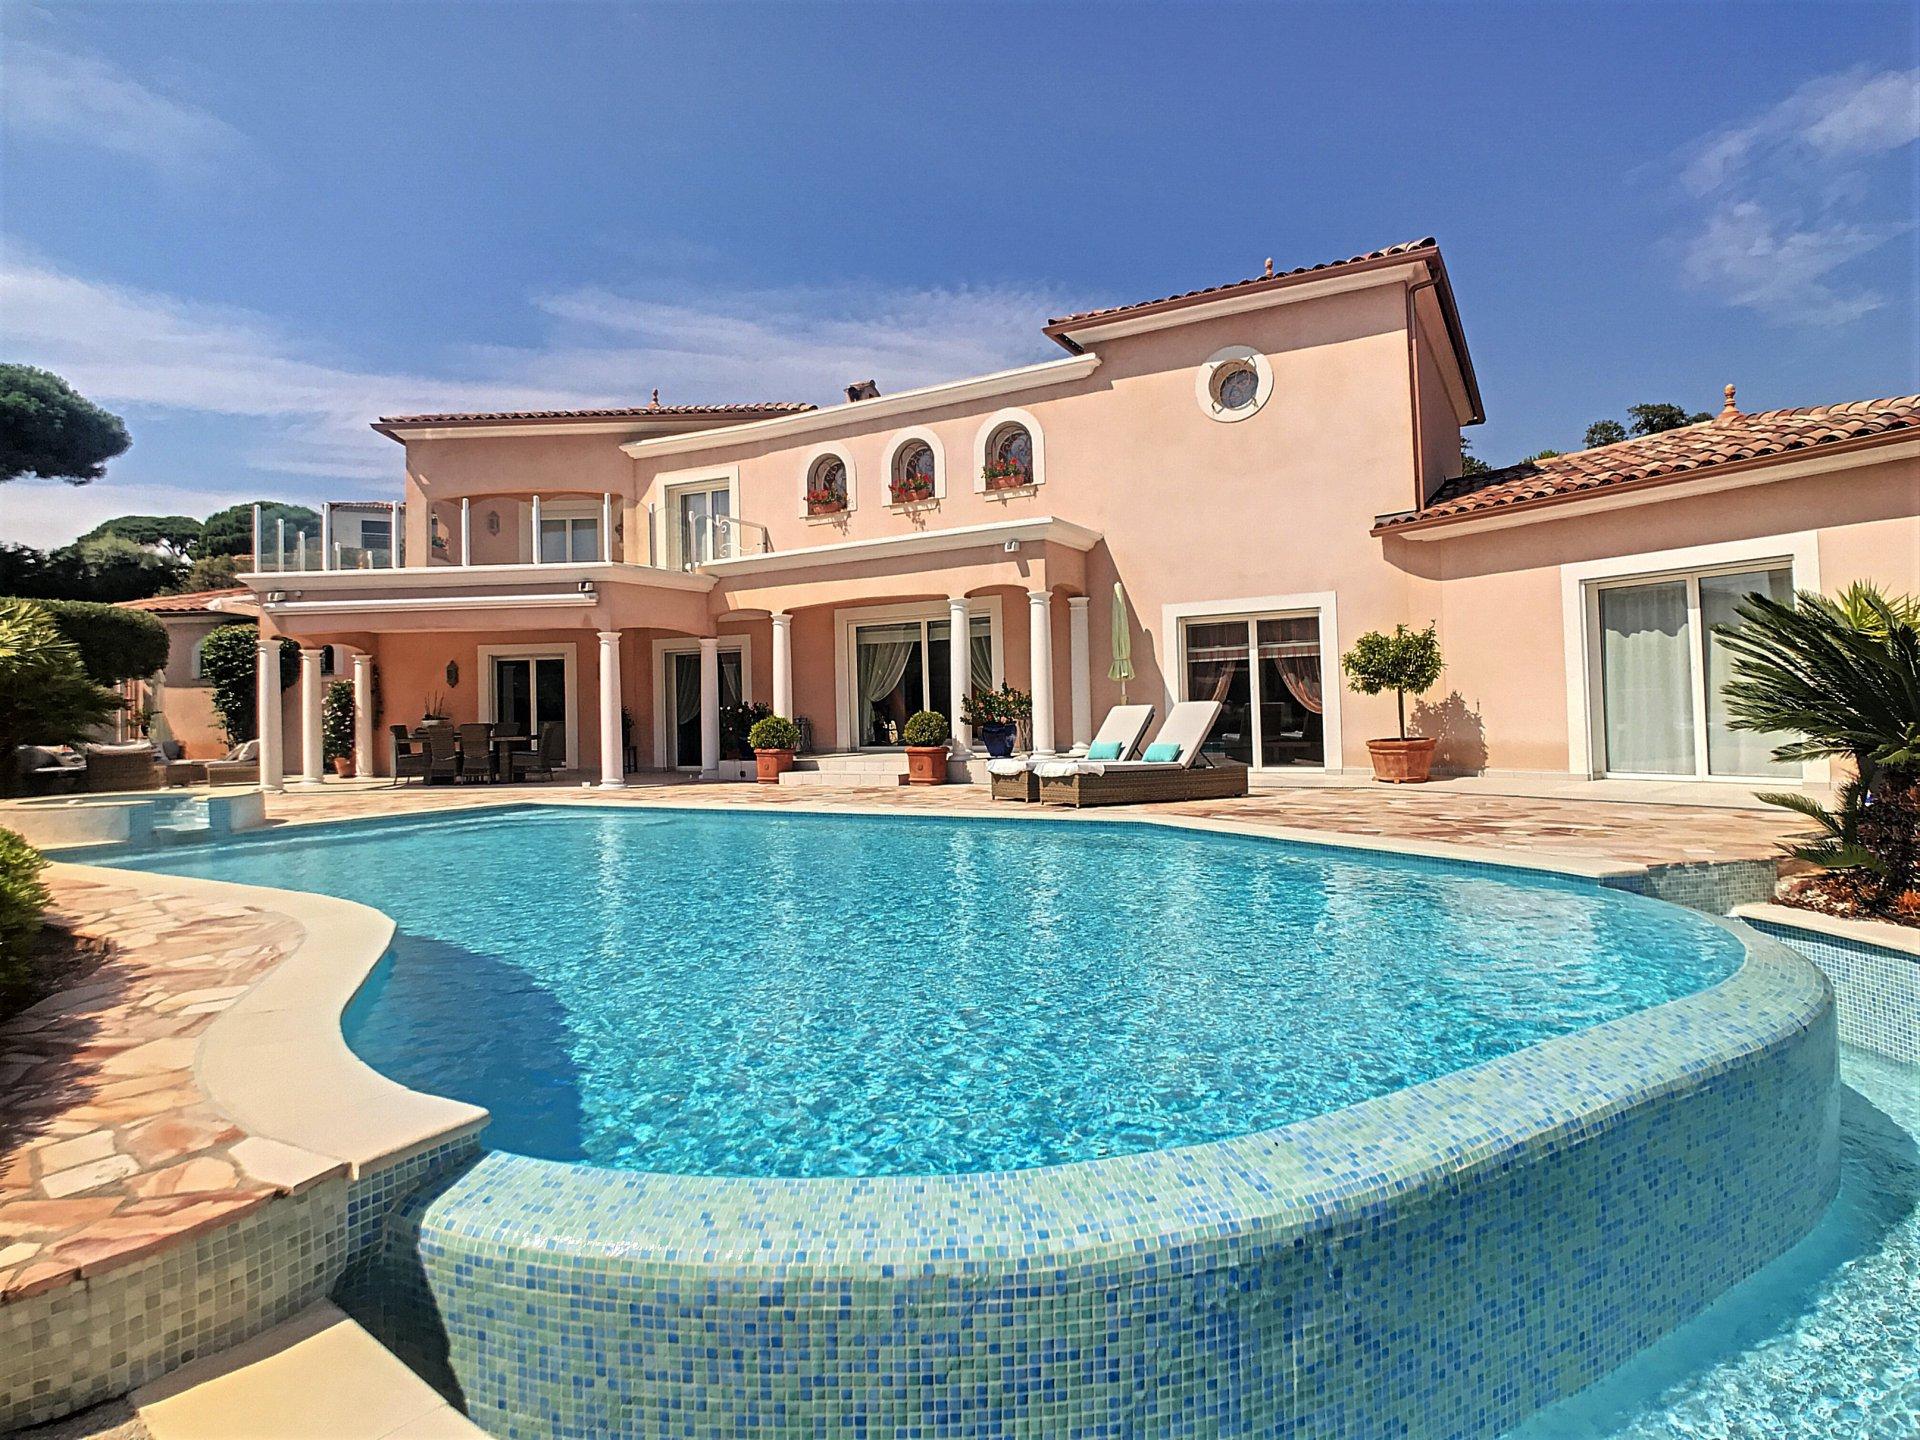 A vendre magnifique villa avec vue mer à Sainte Maxime